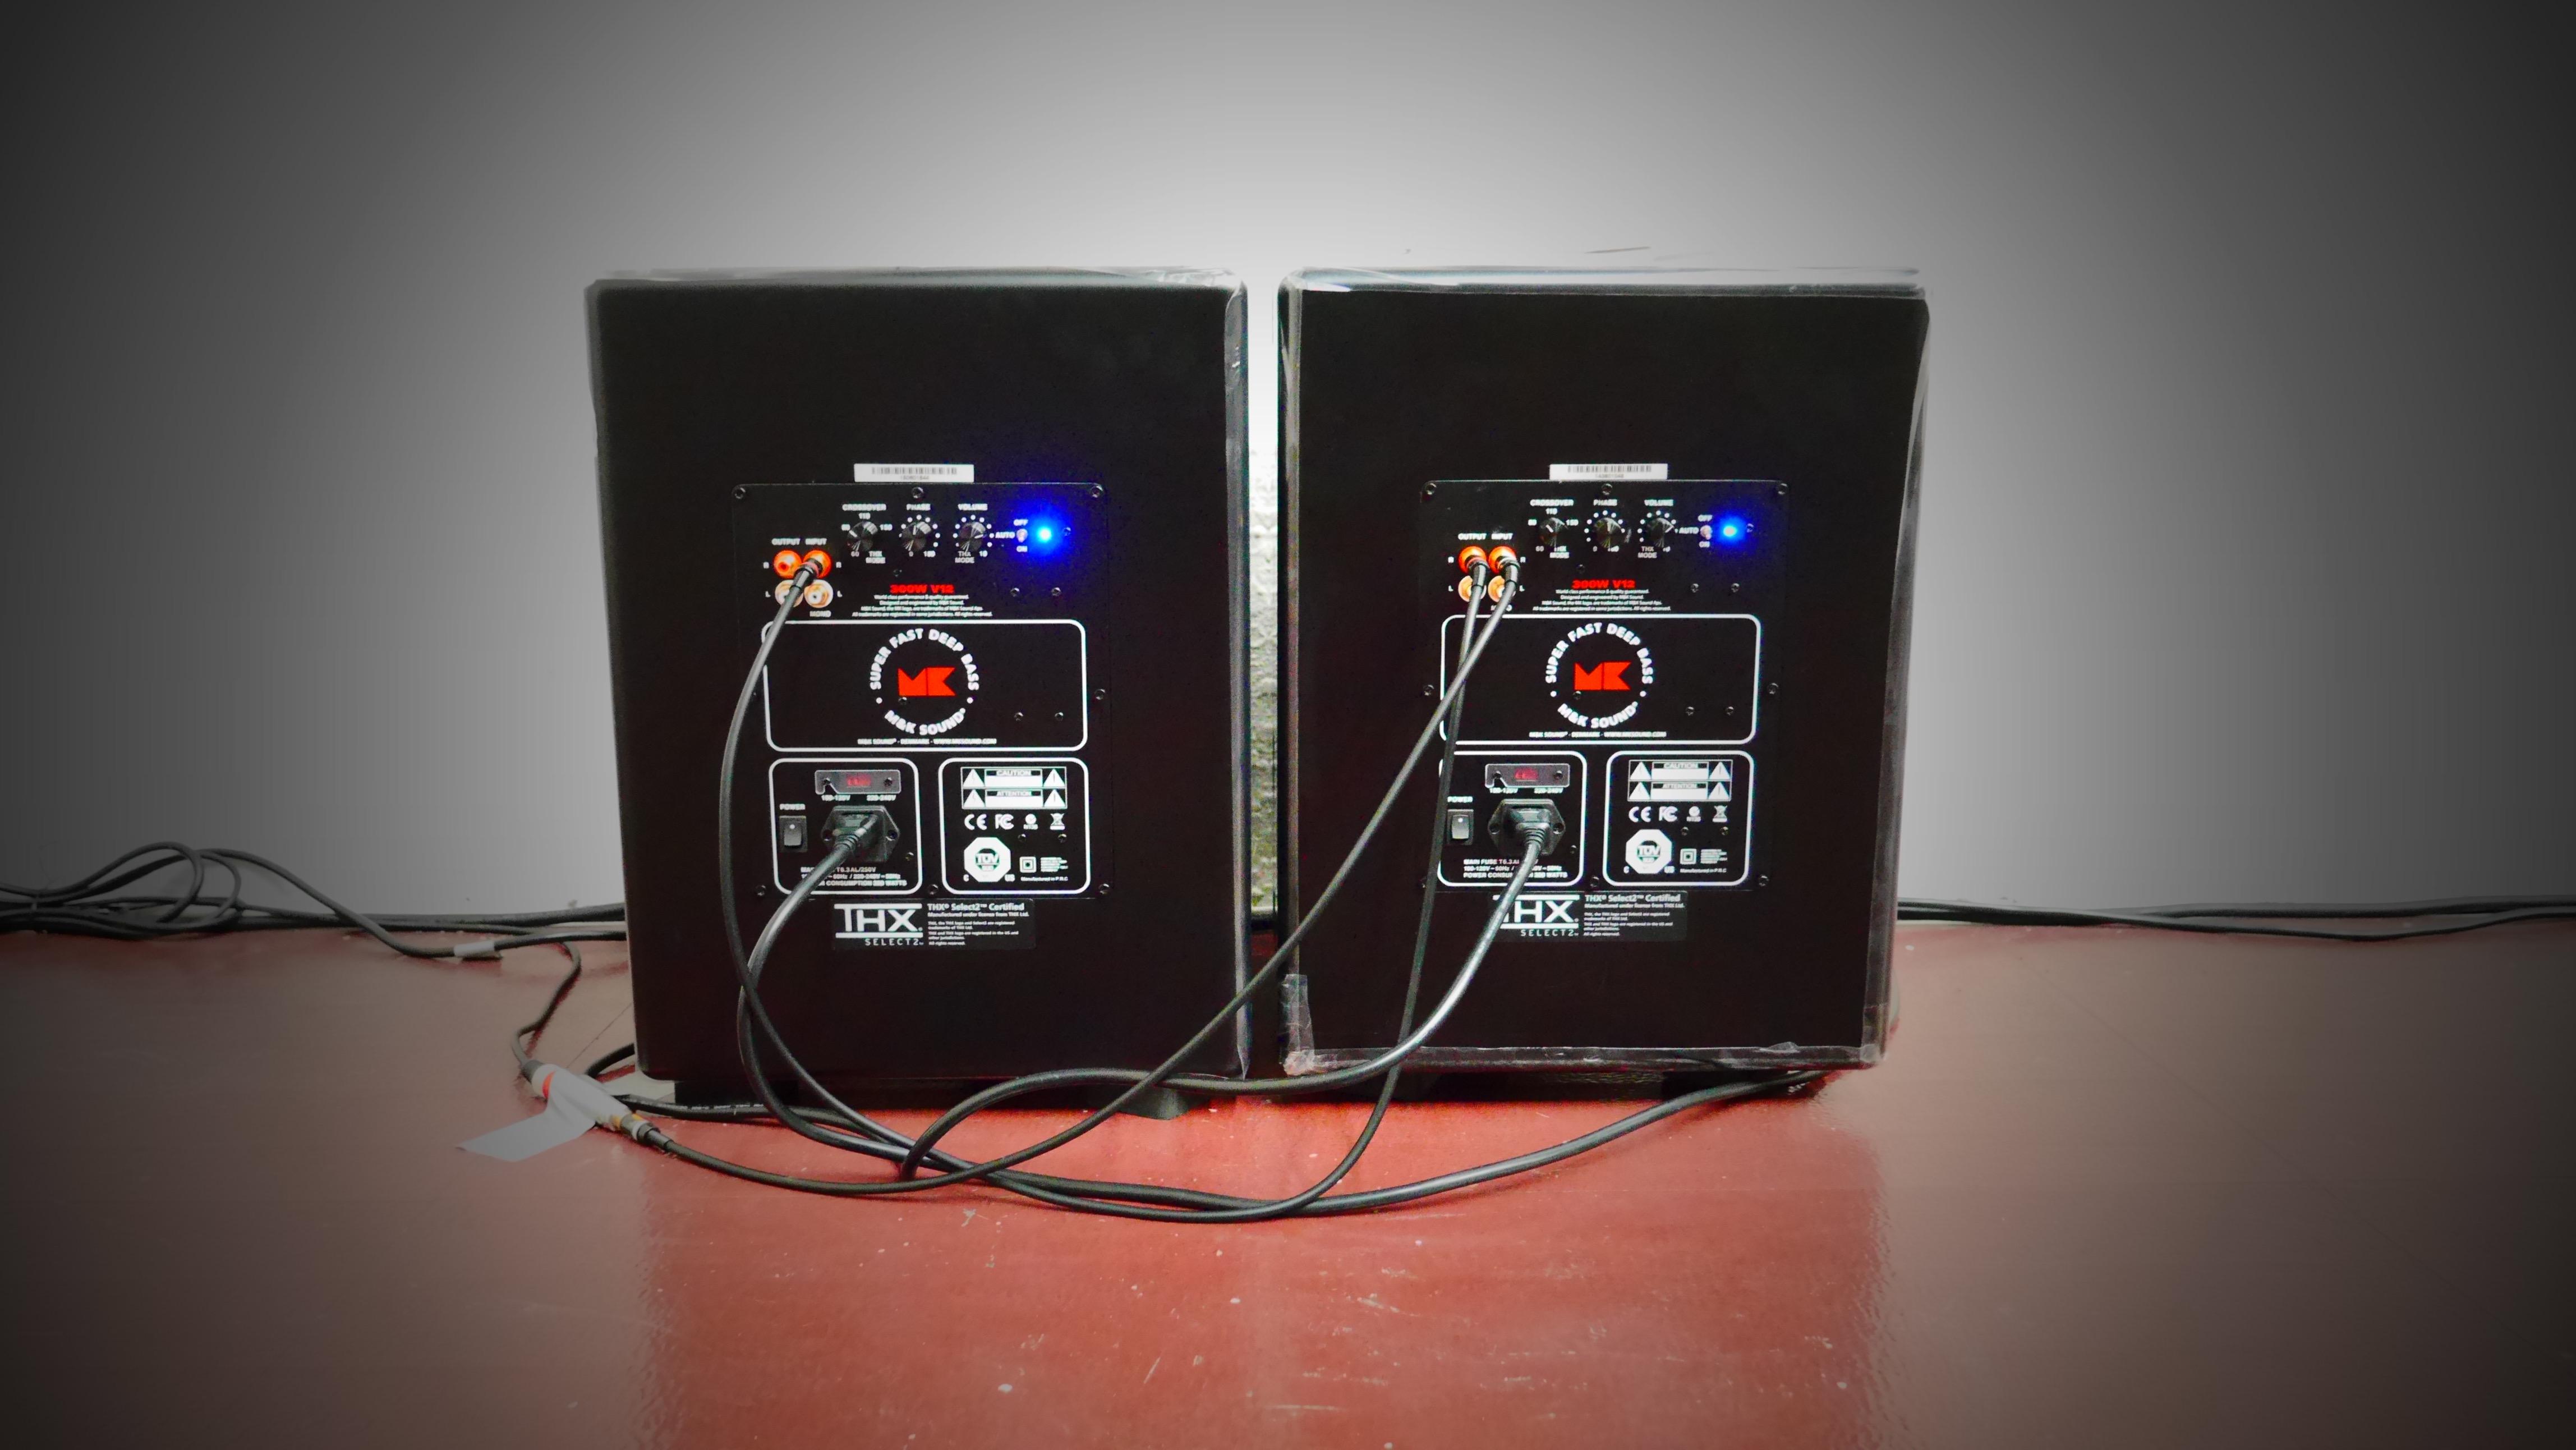 M&K SOUND次旗艦的S150主喇叭背板